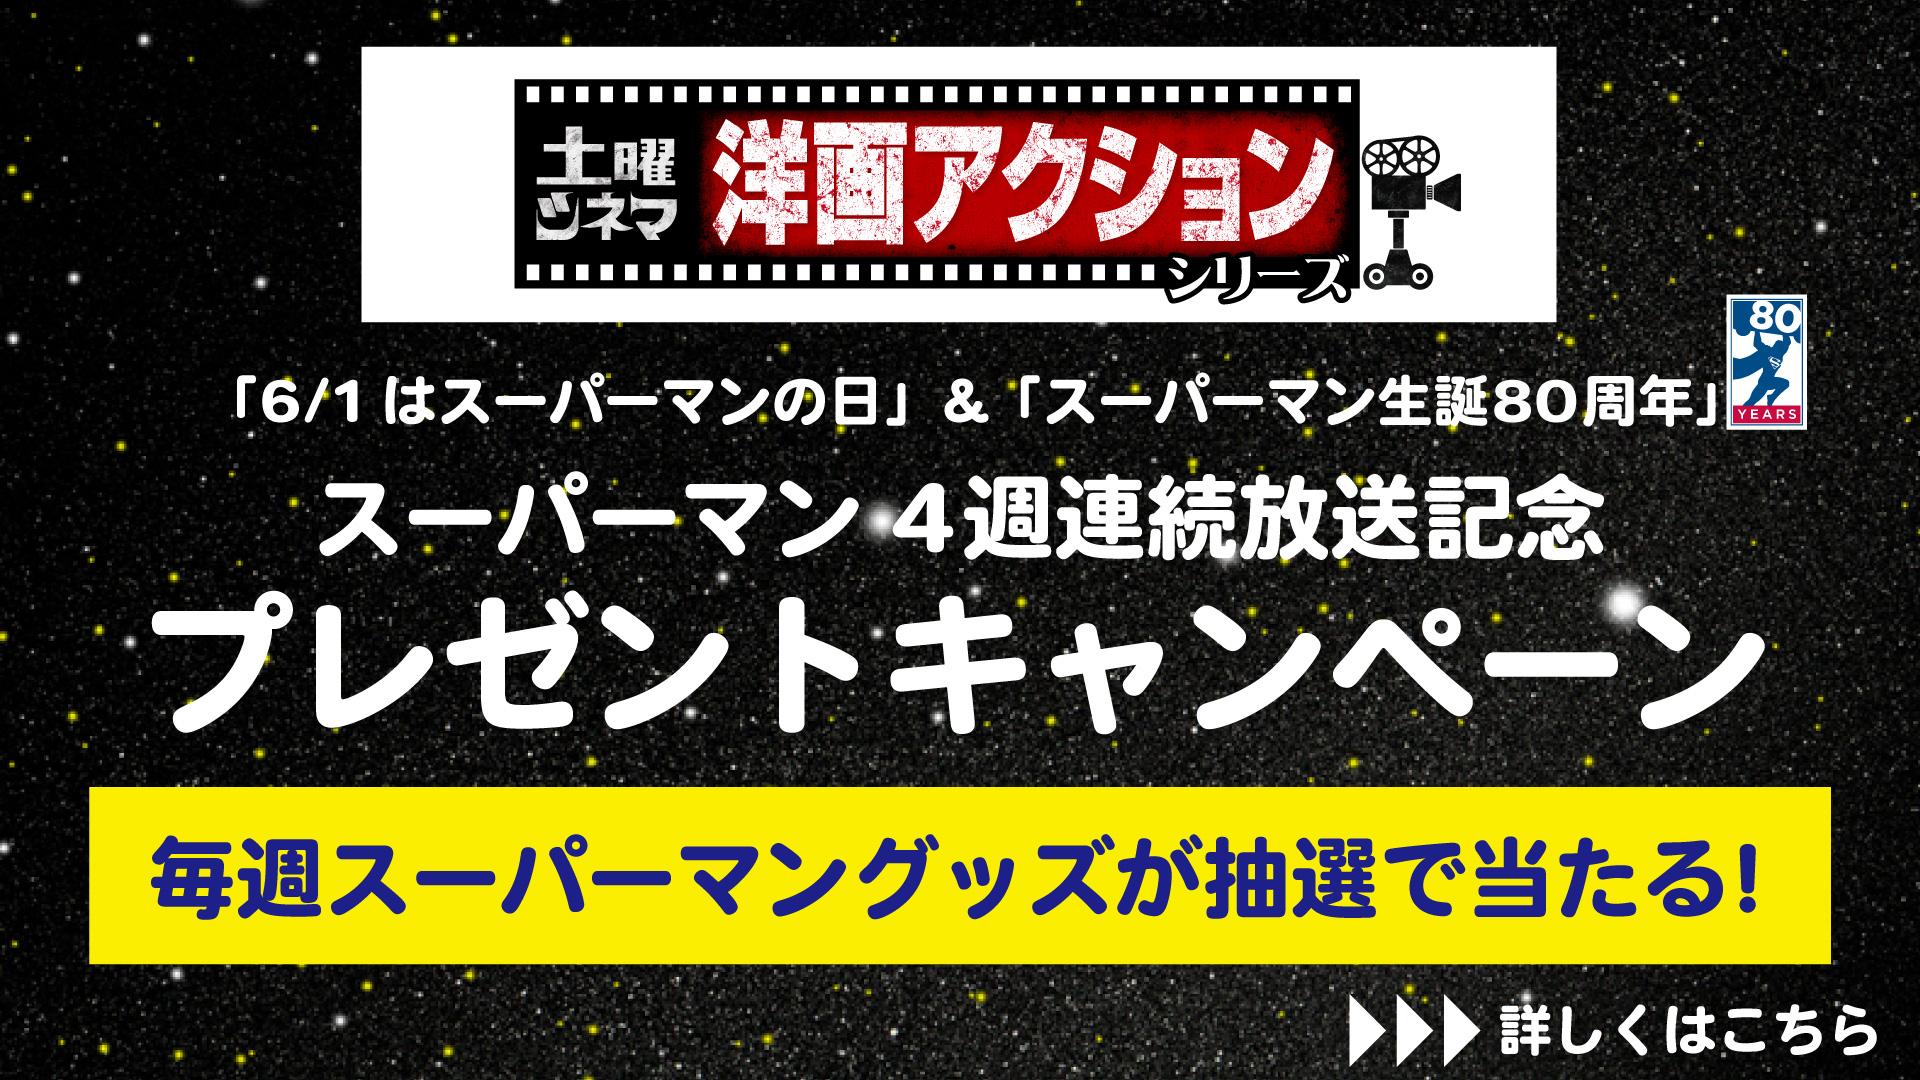 スーパーマン4週連続放送記念プレゼントキャンペーン